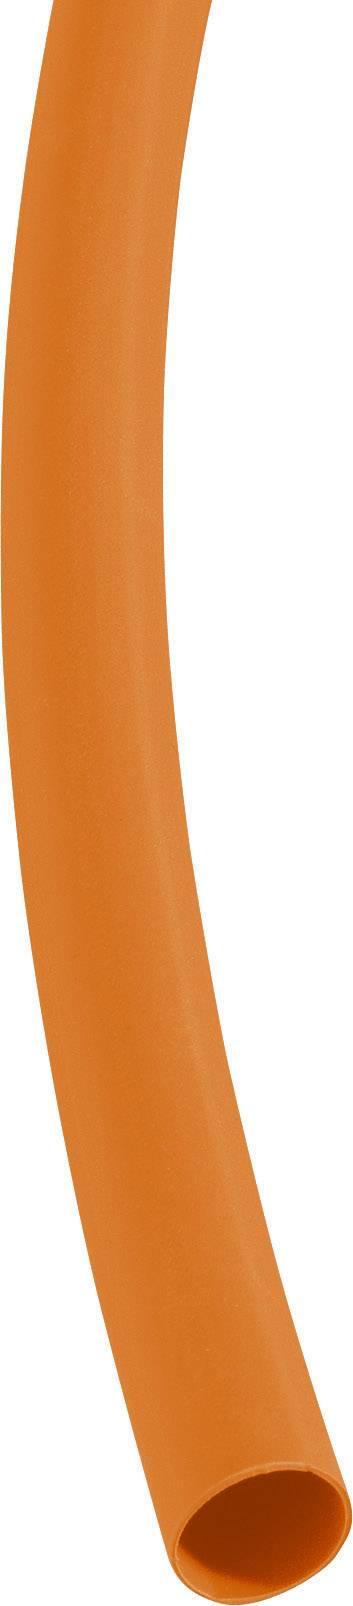 Smršťovací bužírka bez lepidla DSG Canusa 3290048203 3:1, -55 až +135 °C, 4.80 mm, oranžová, metrové zboží